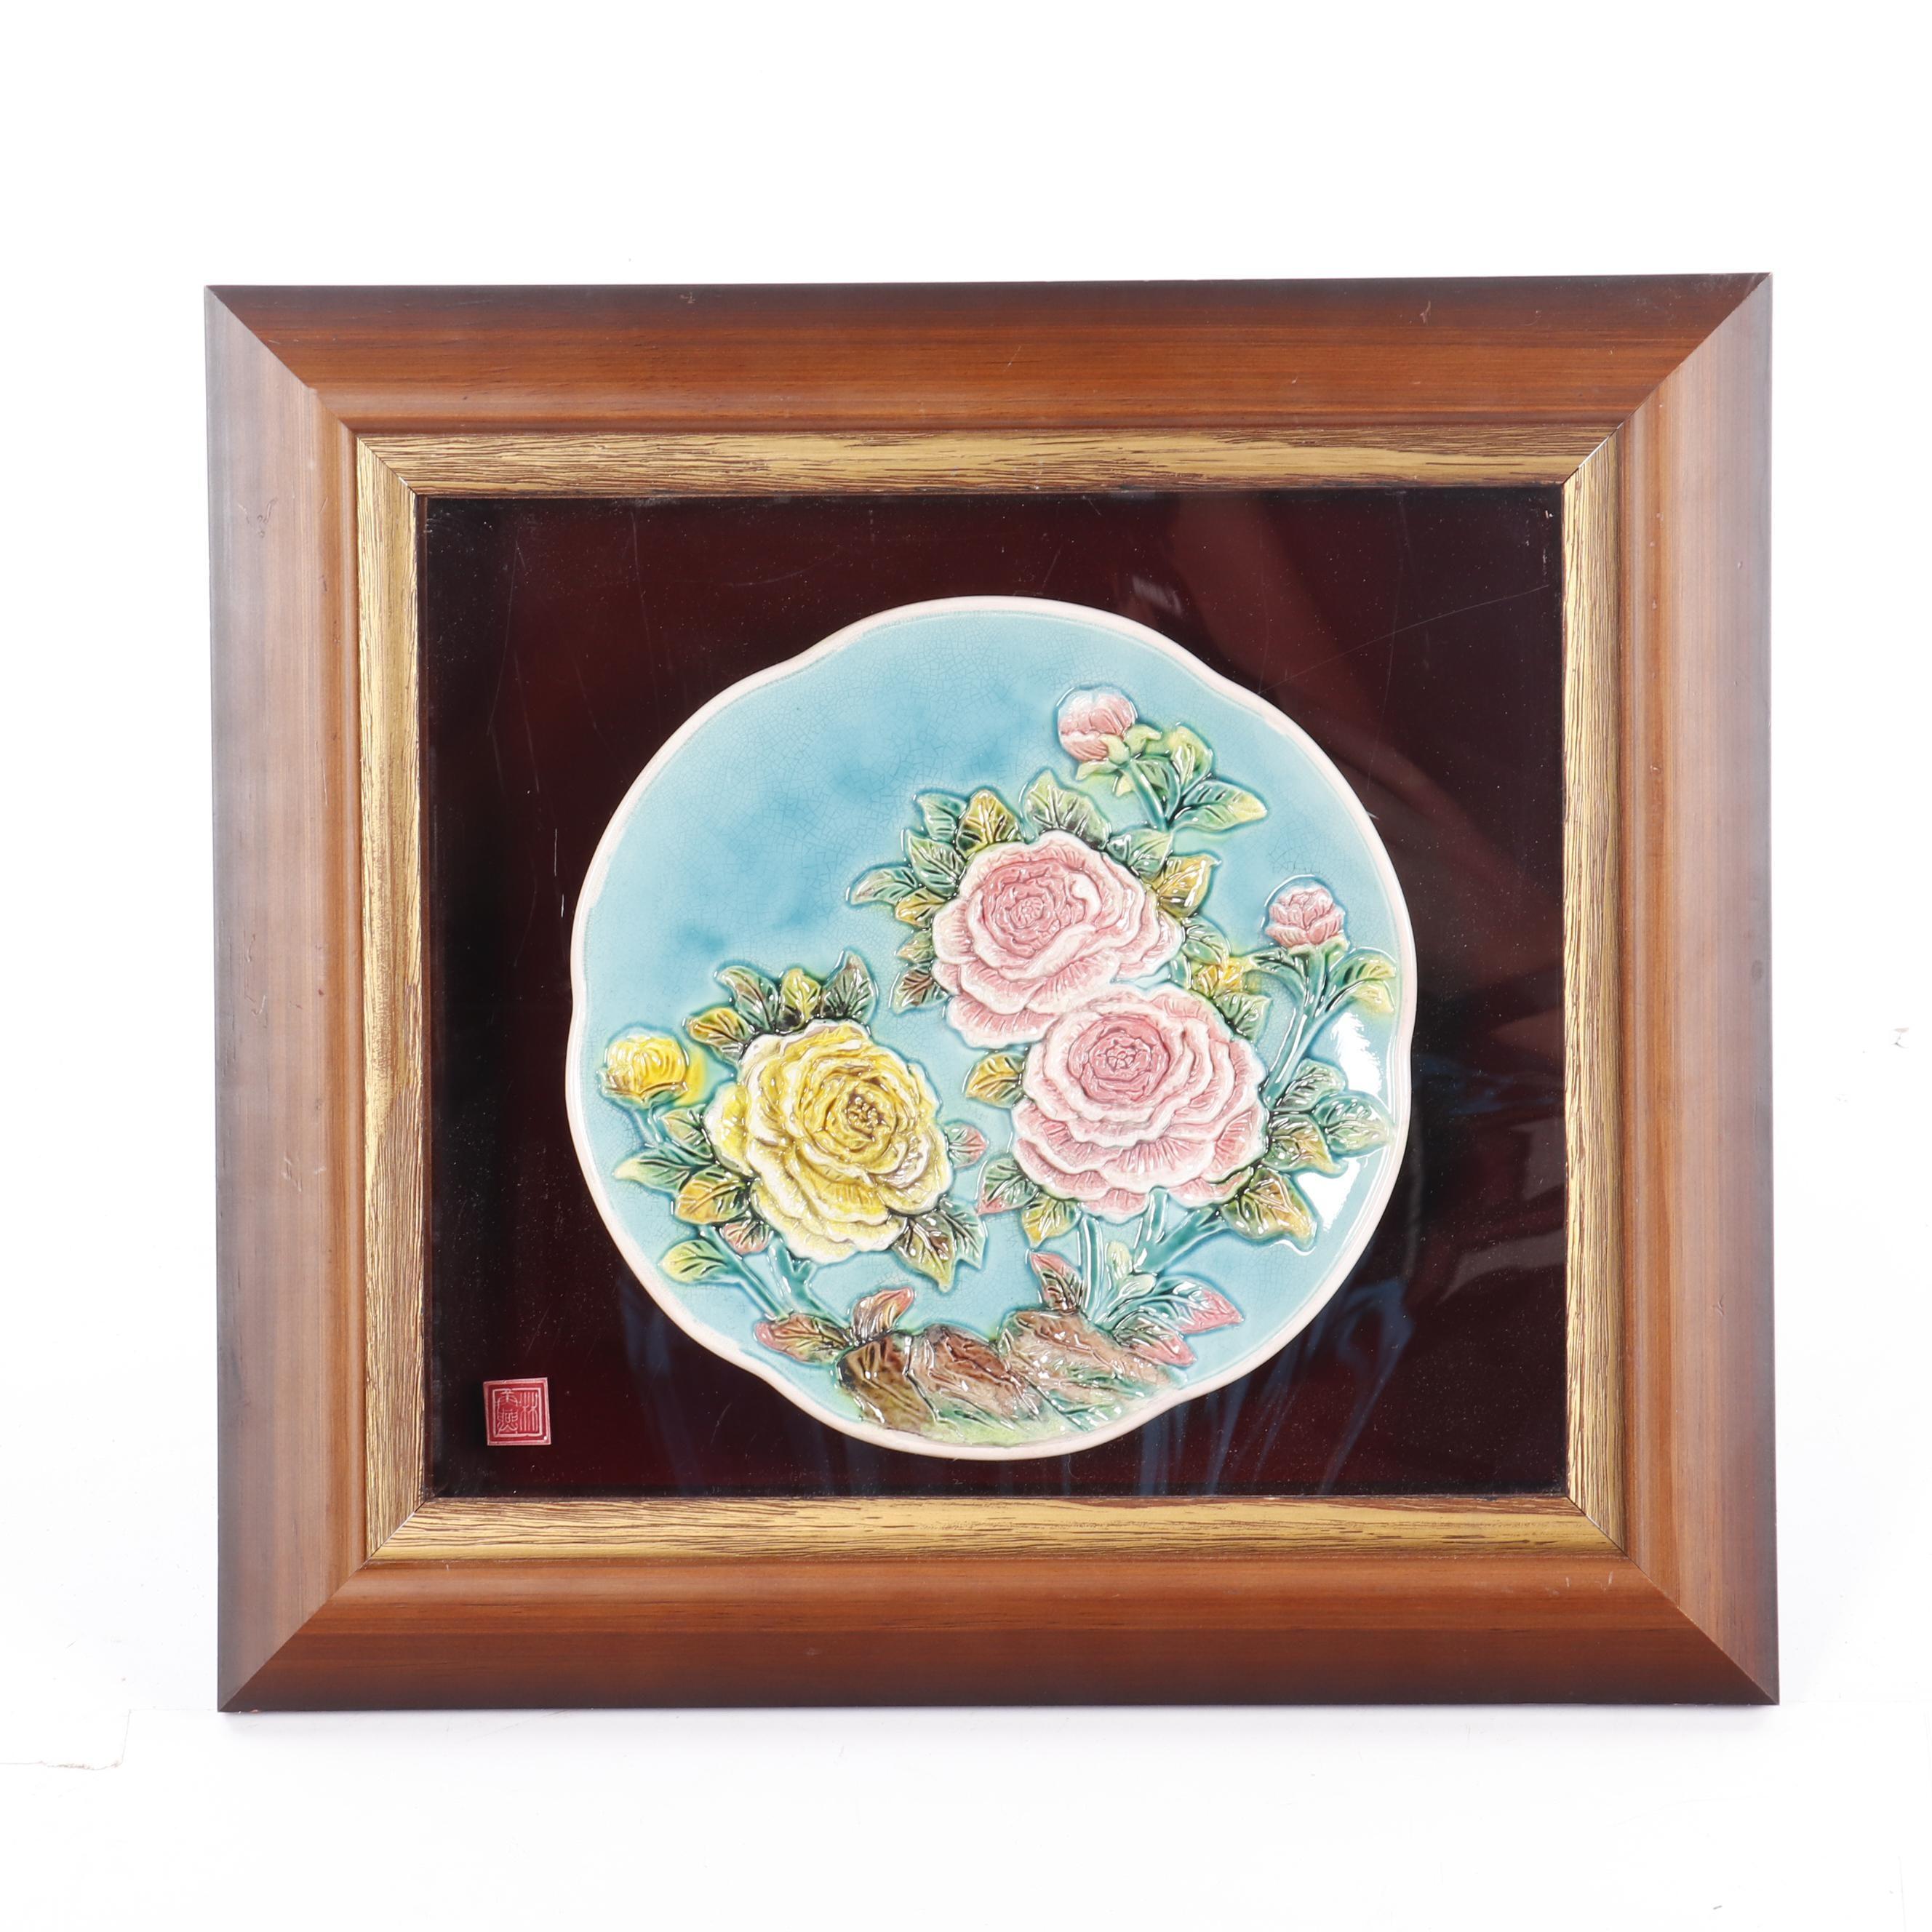 Framed Chinese Majolica Plate